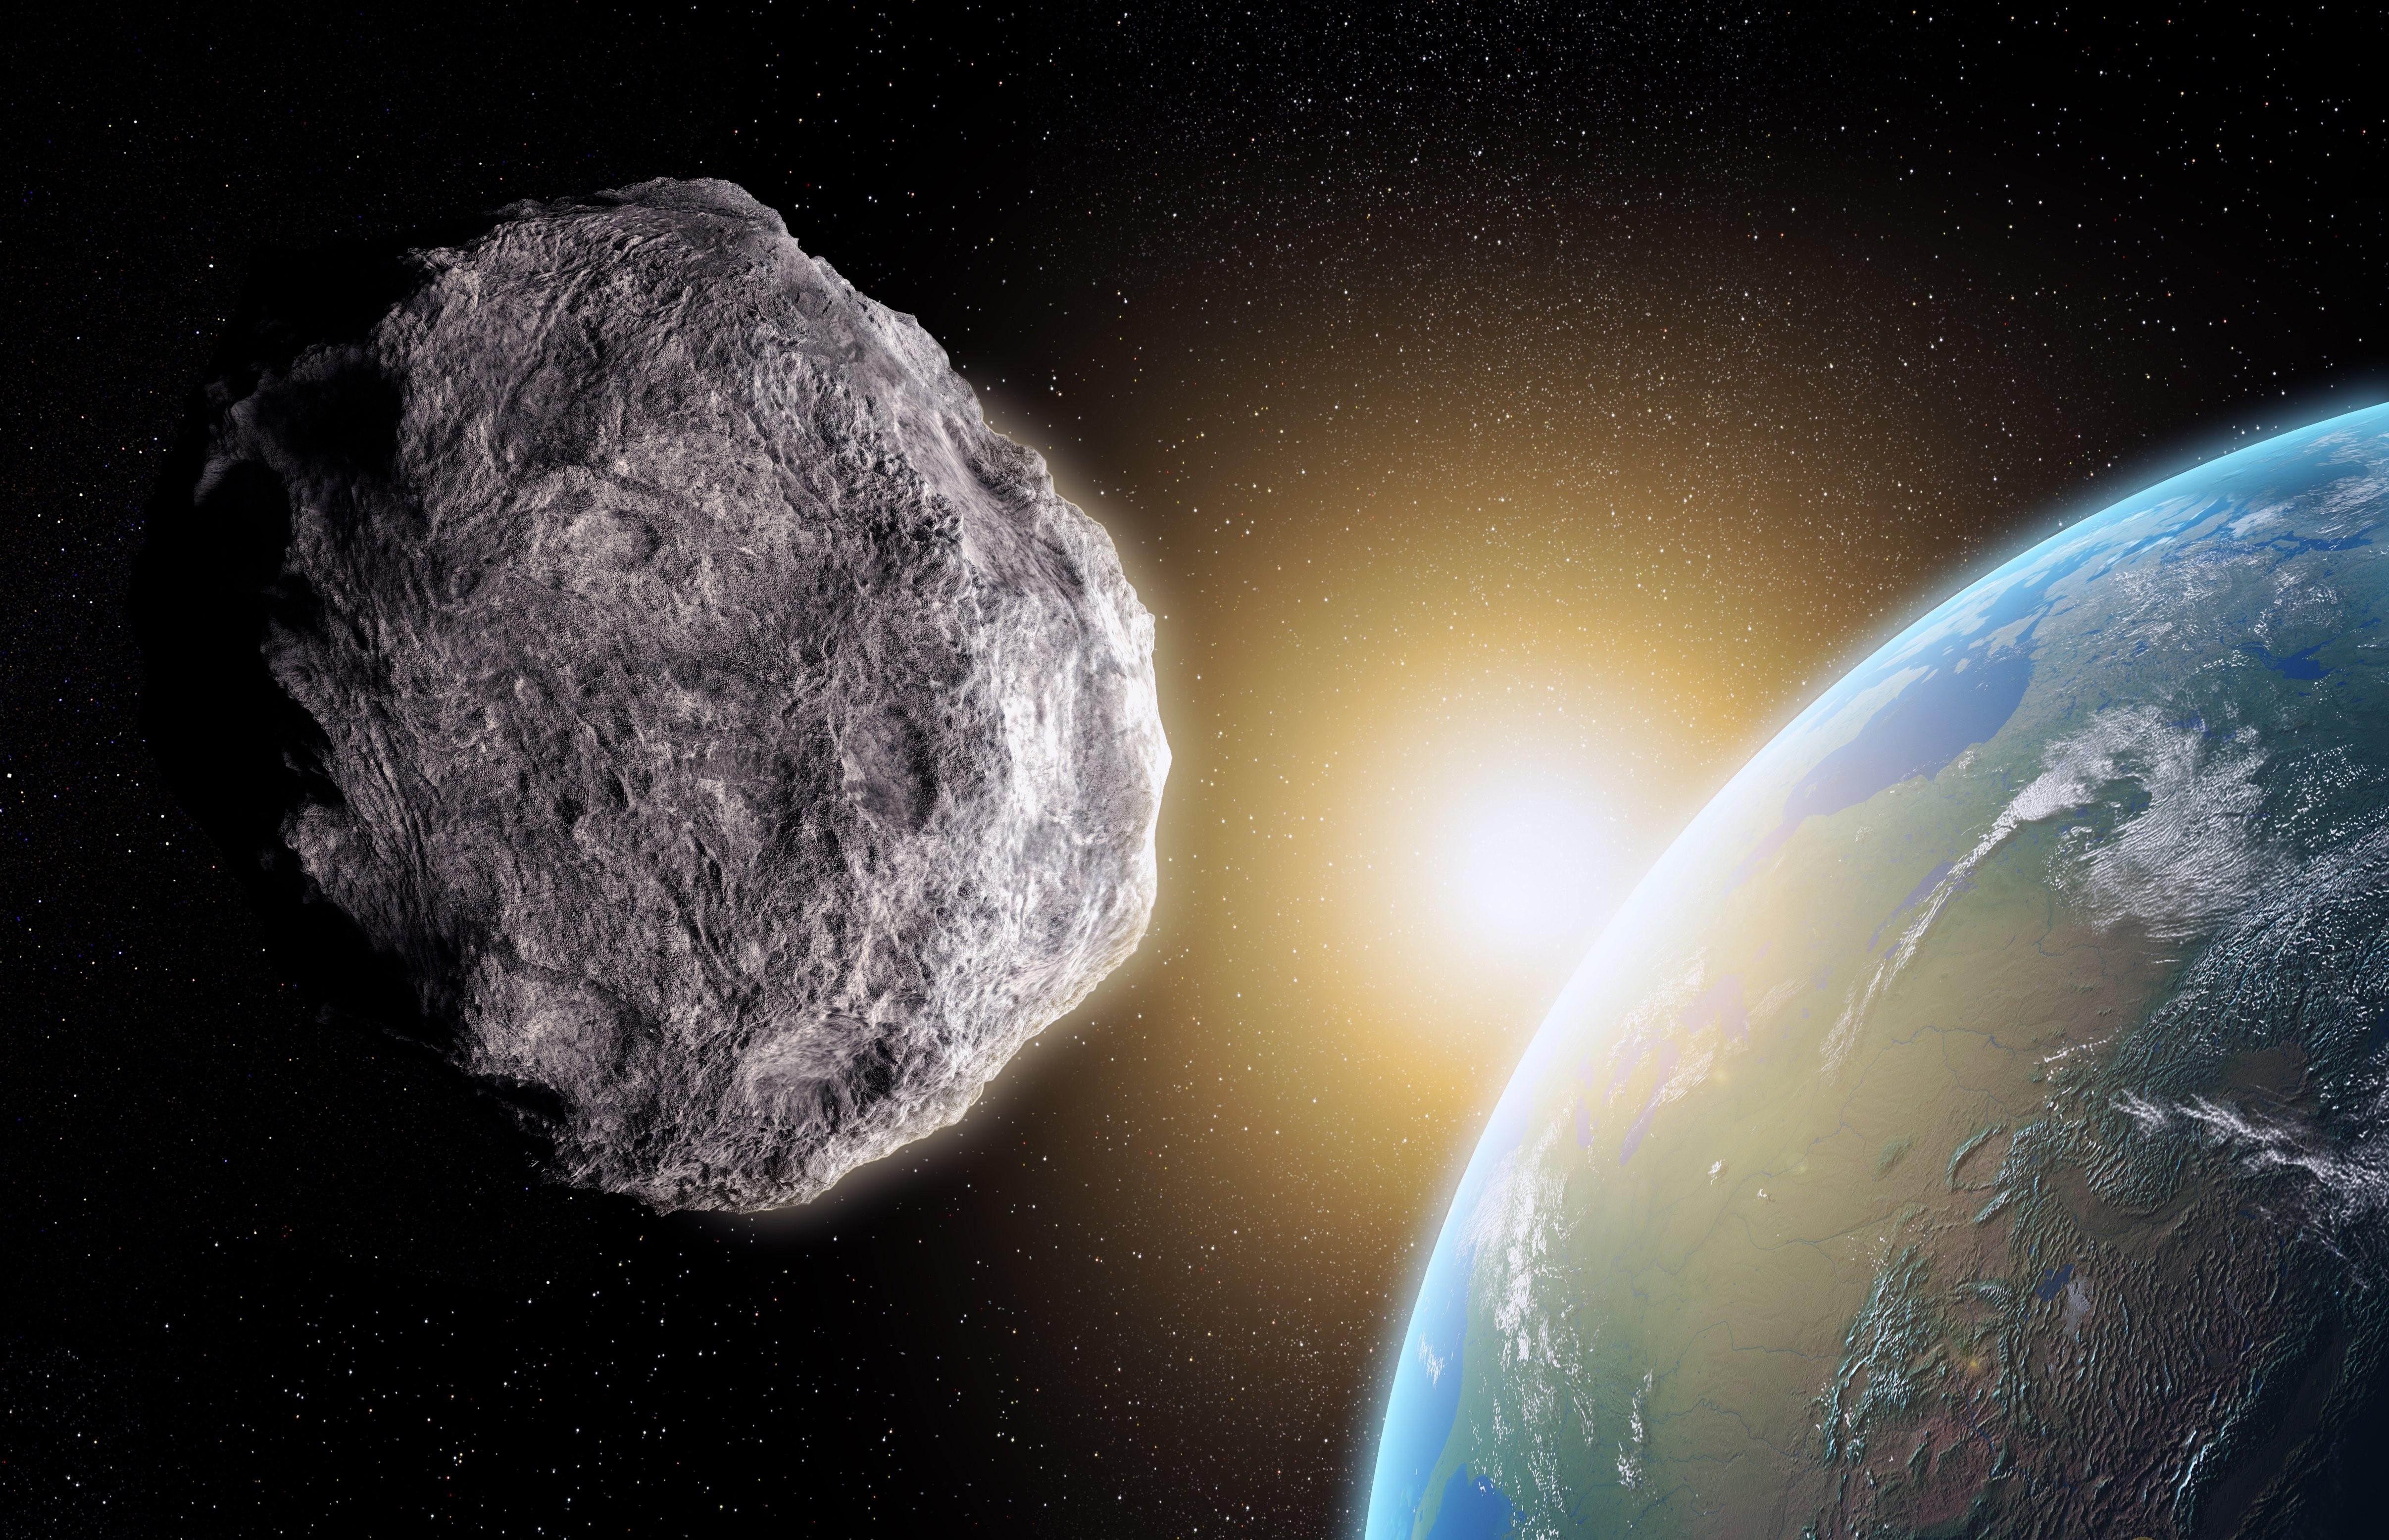 Через несколько дней кЗемле приблизится потенциально опасный астероид